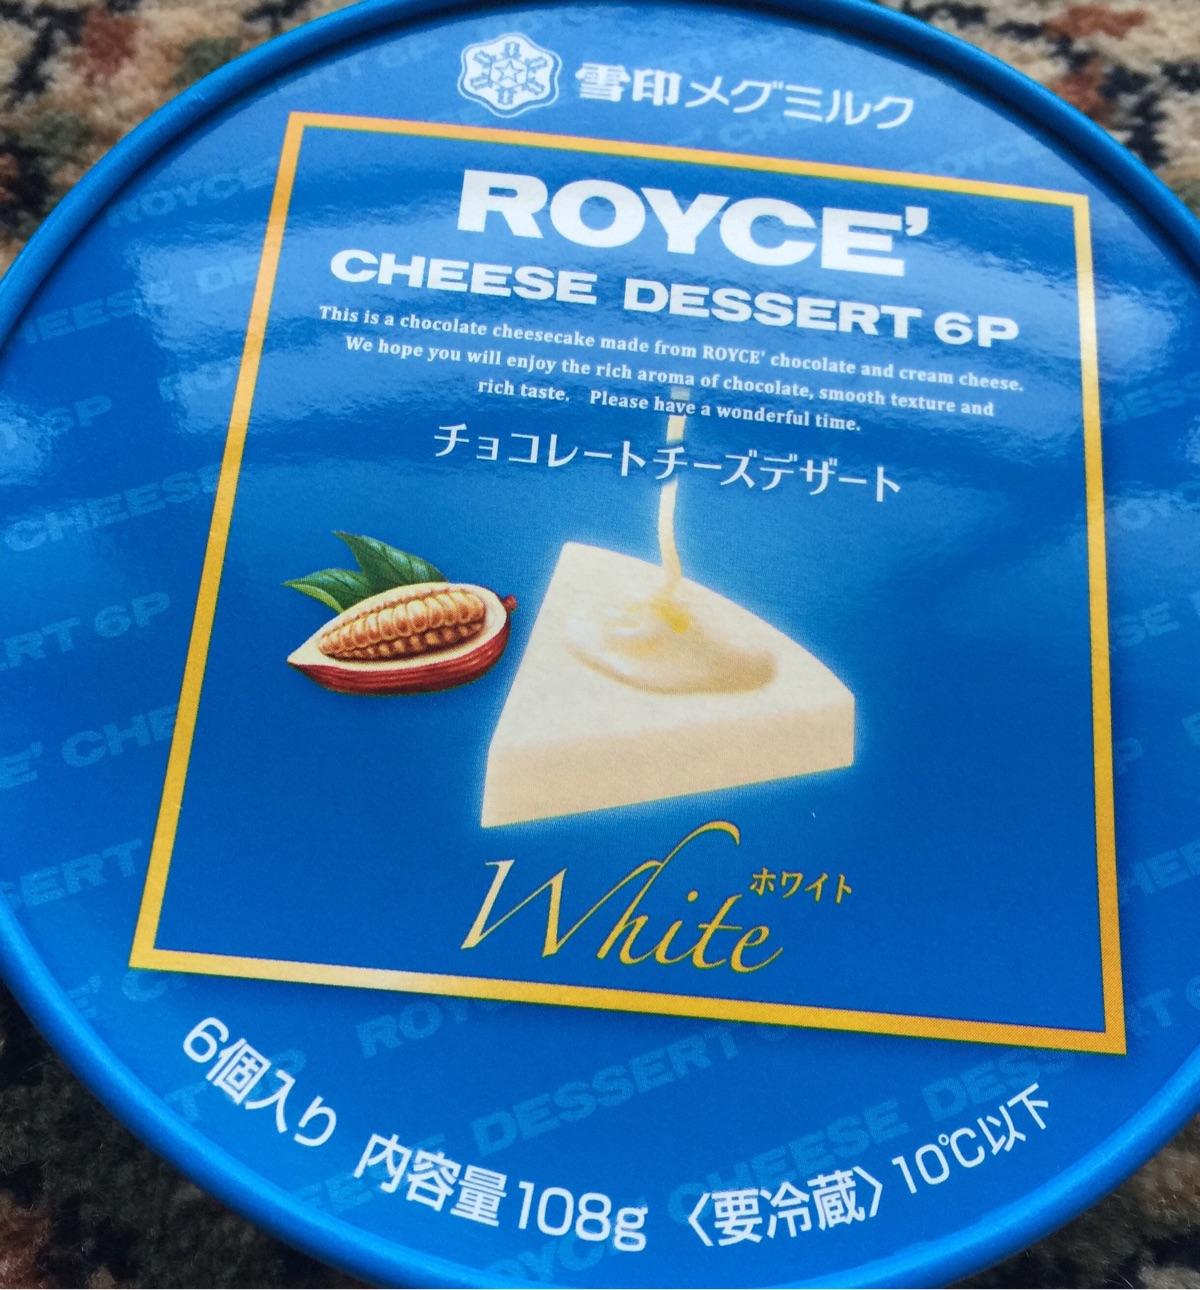 ロイス チーズデザート6P